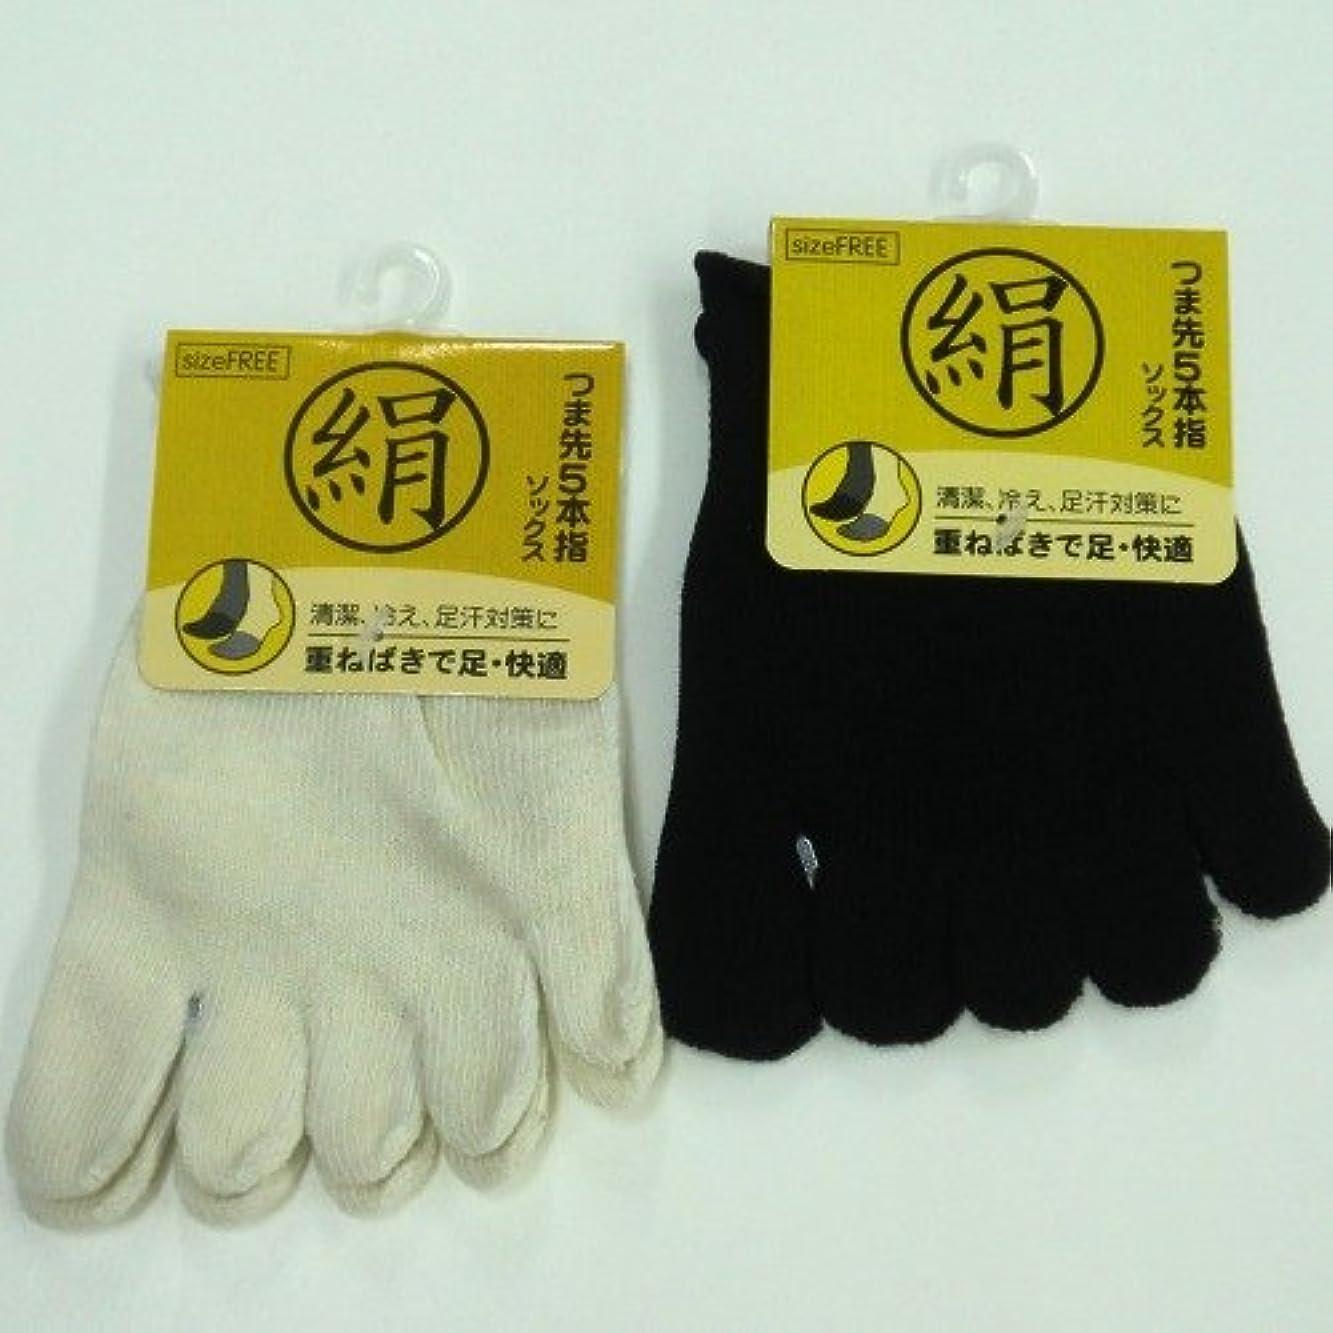 噴出する獣スペイン語5本指ソックス つま先 ハーフソックス 足指カバー 天然素材絹で抗菌防臭 お買得5足組 (色はお任せ)